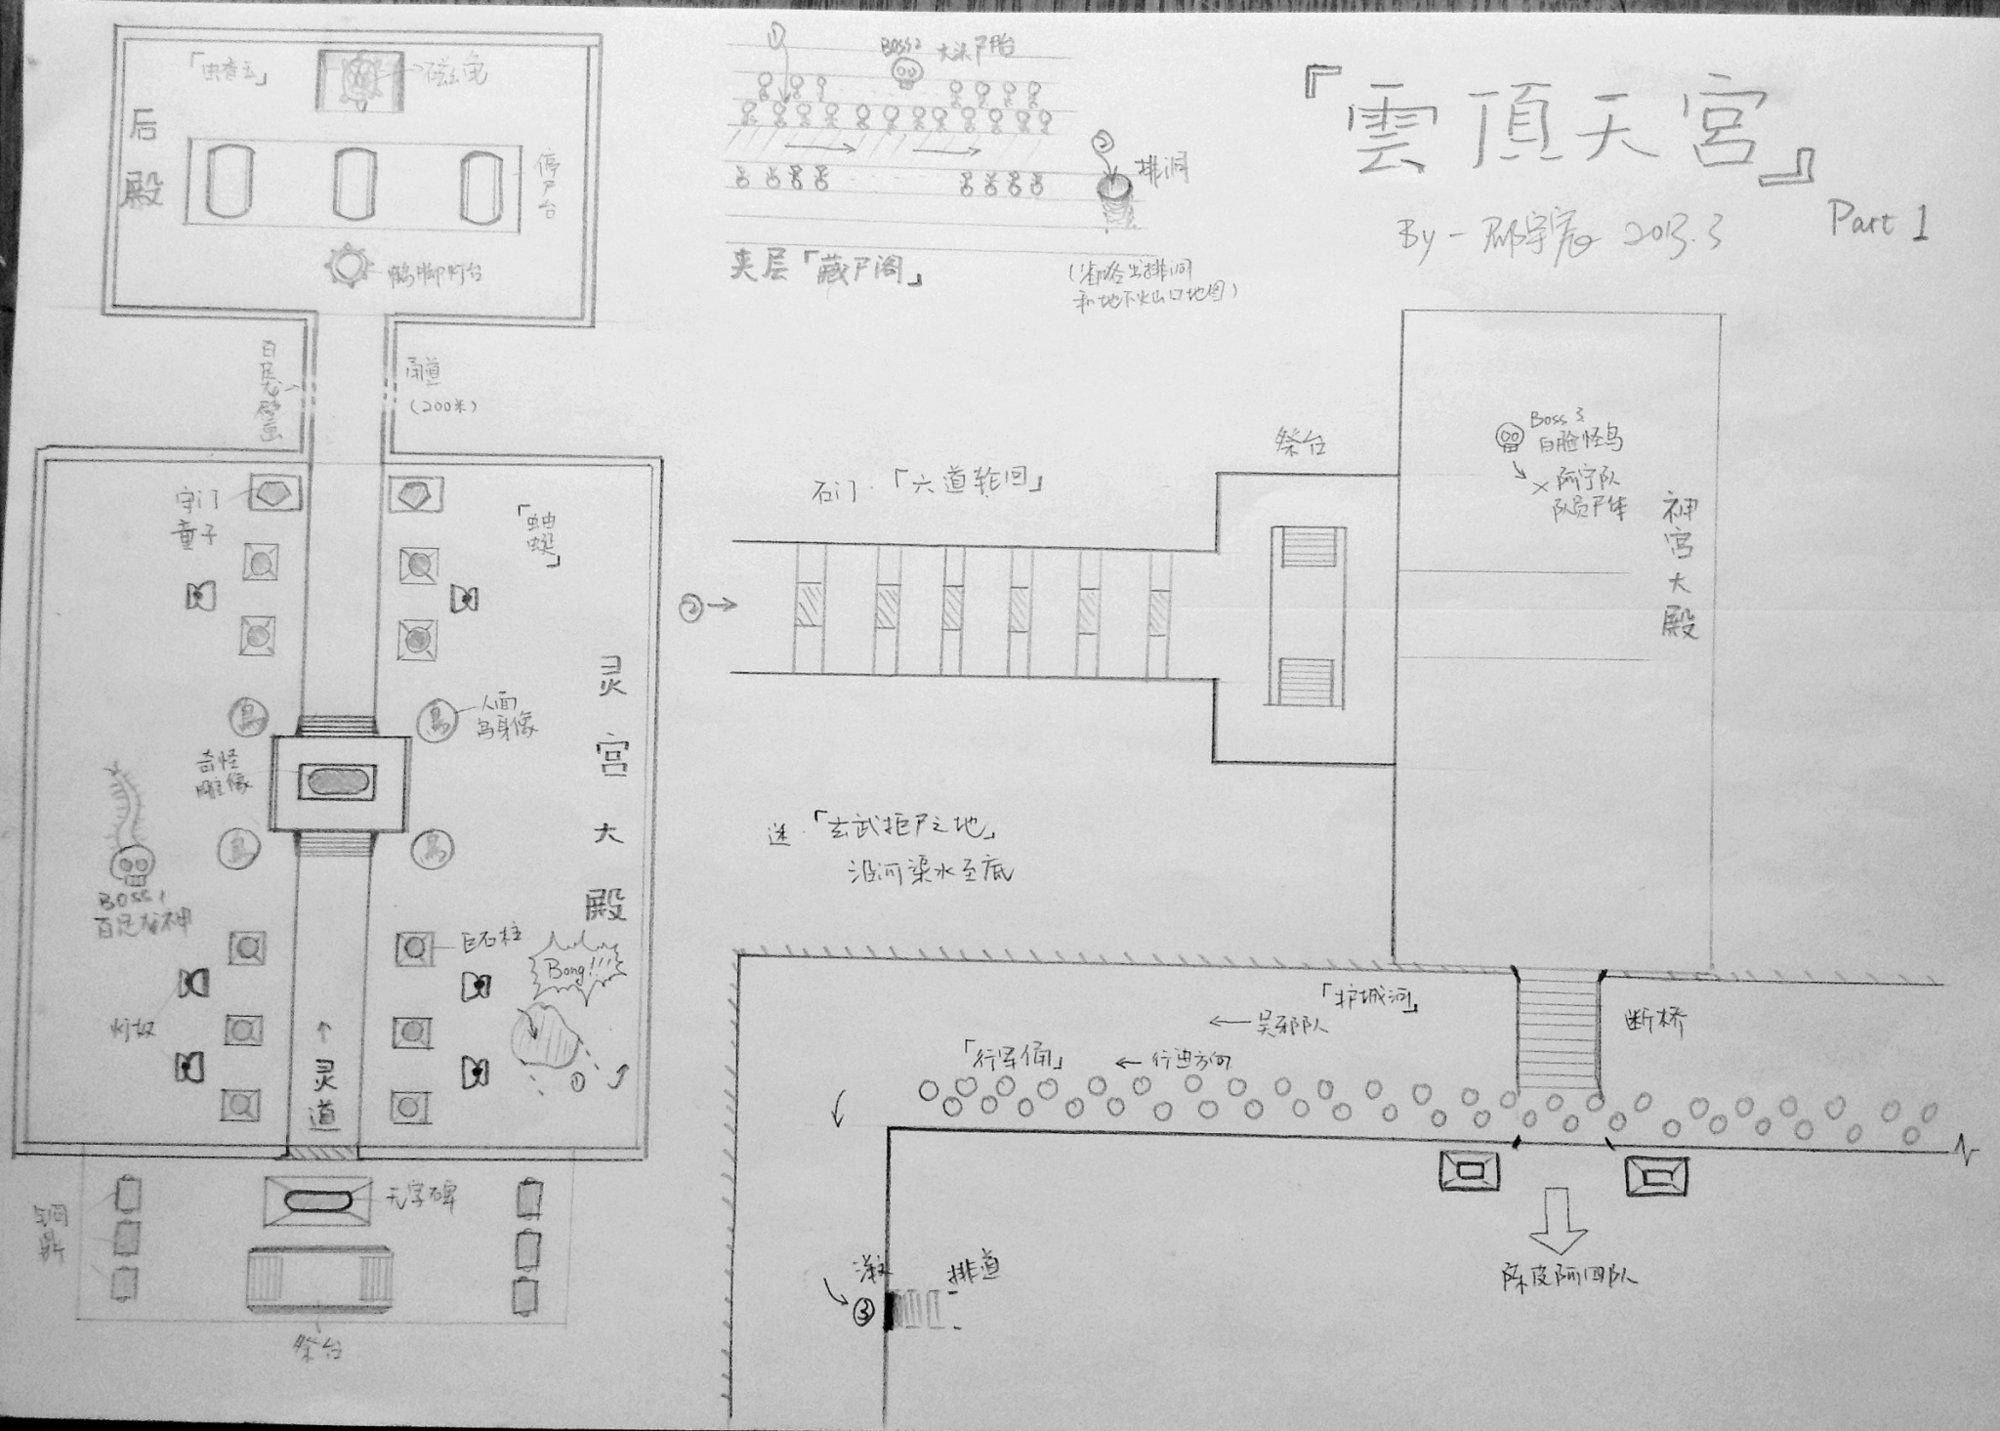 大学生绘出《盗墓笔记》全套地图